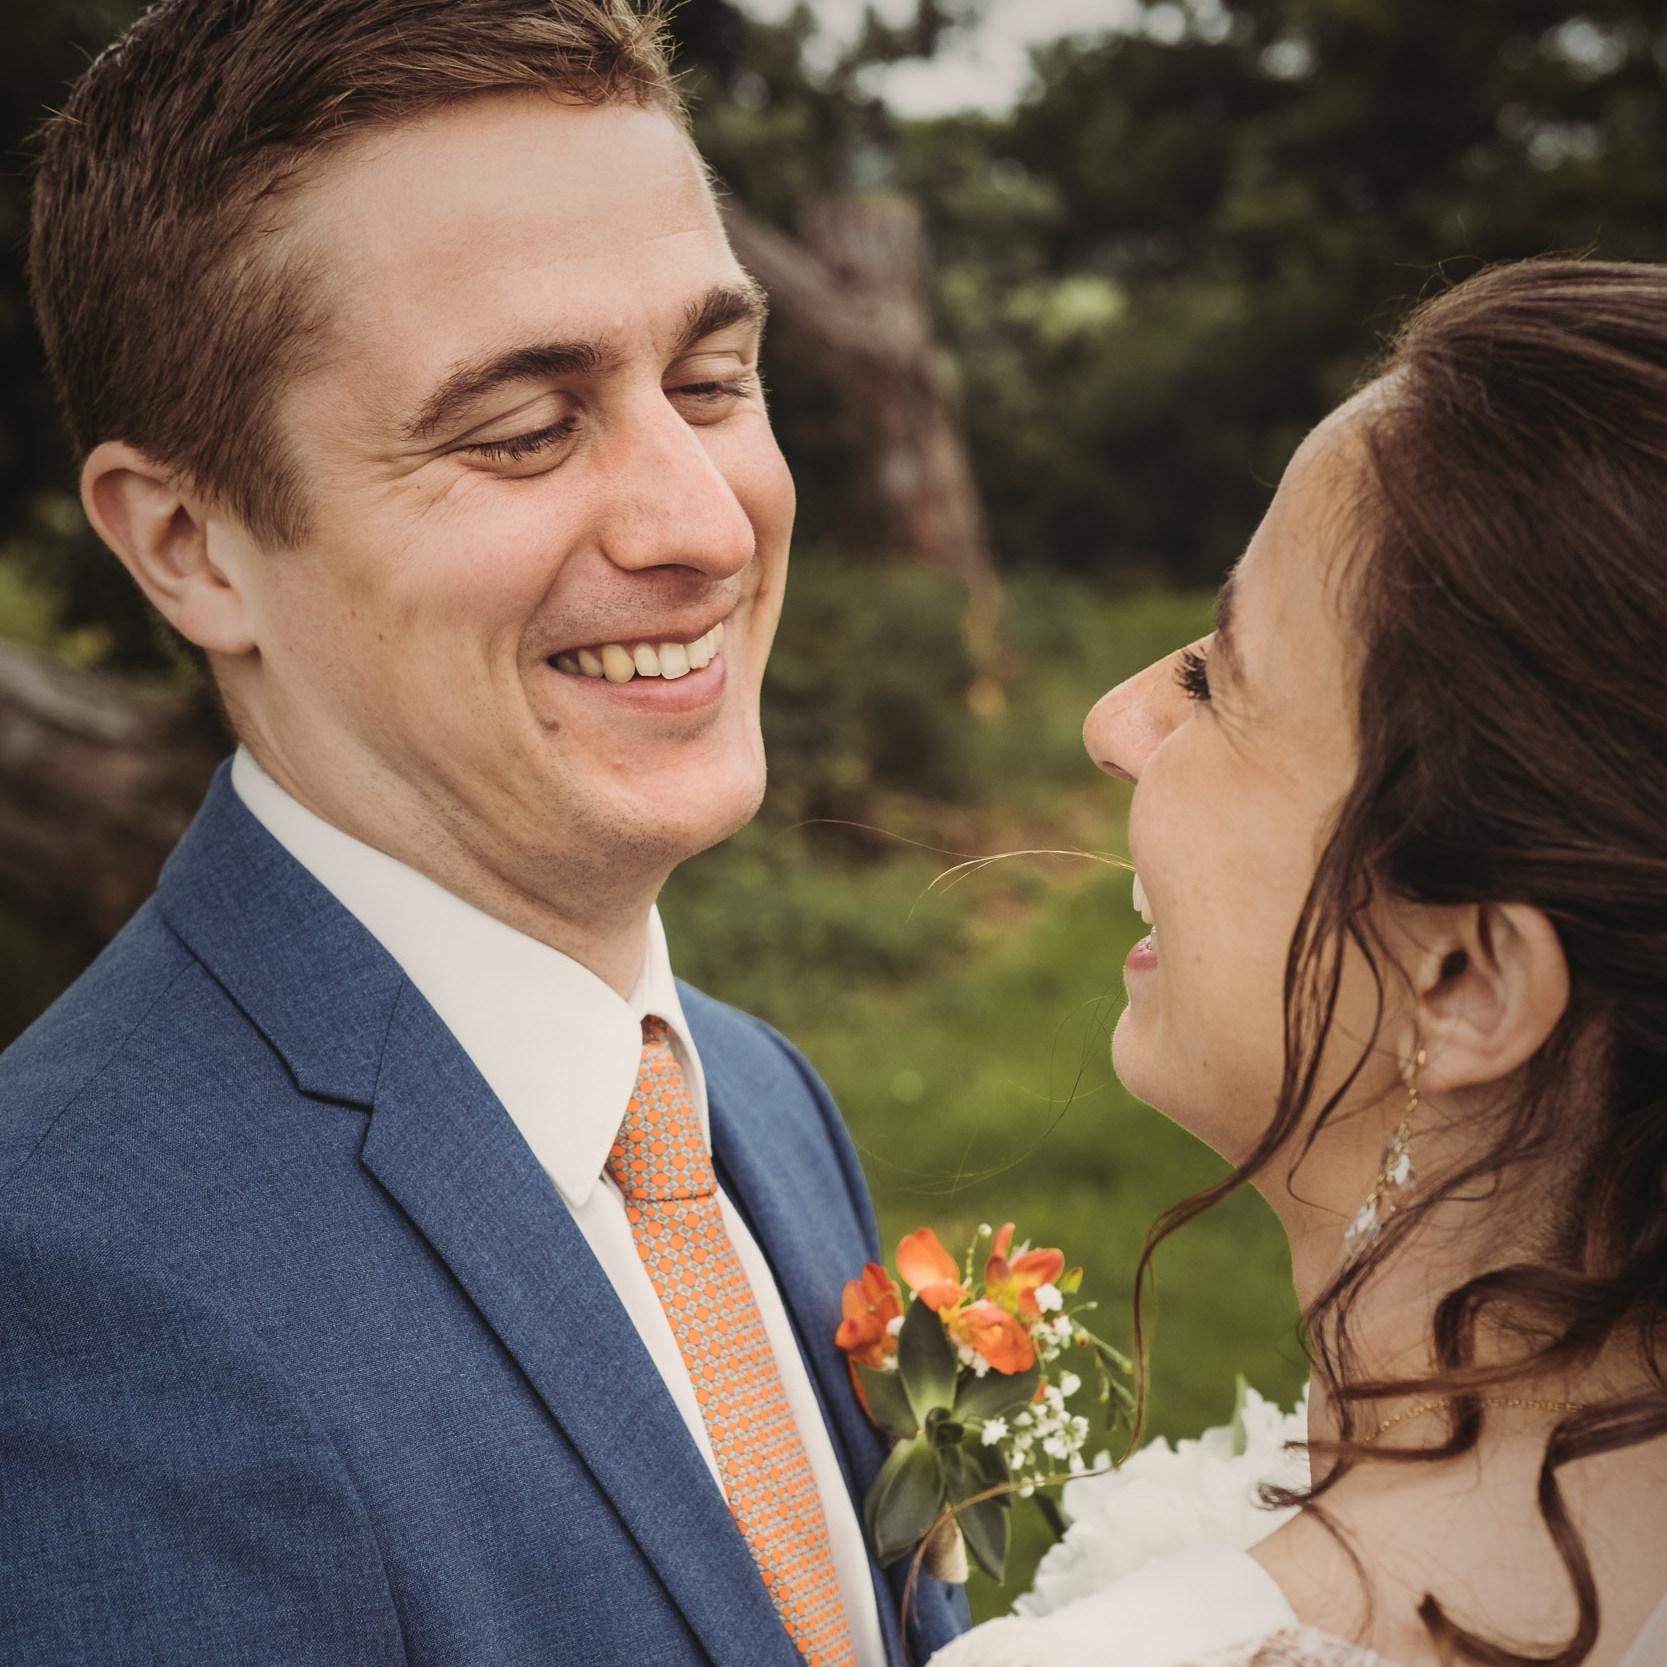 belles-photos-mariage